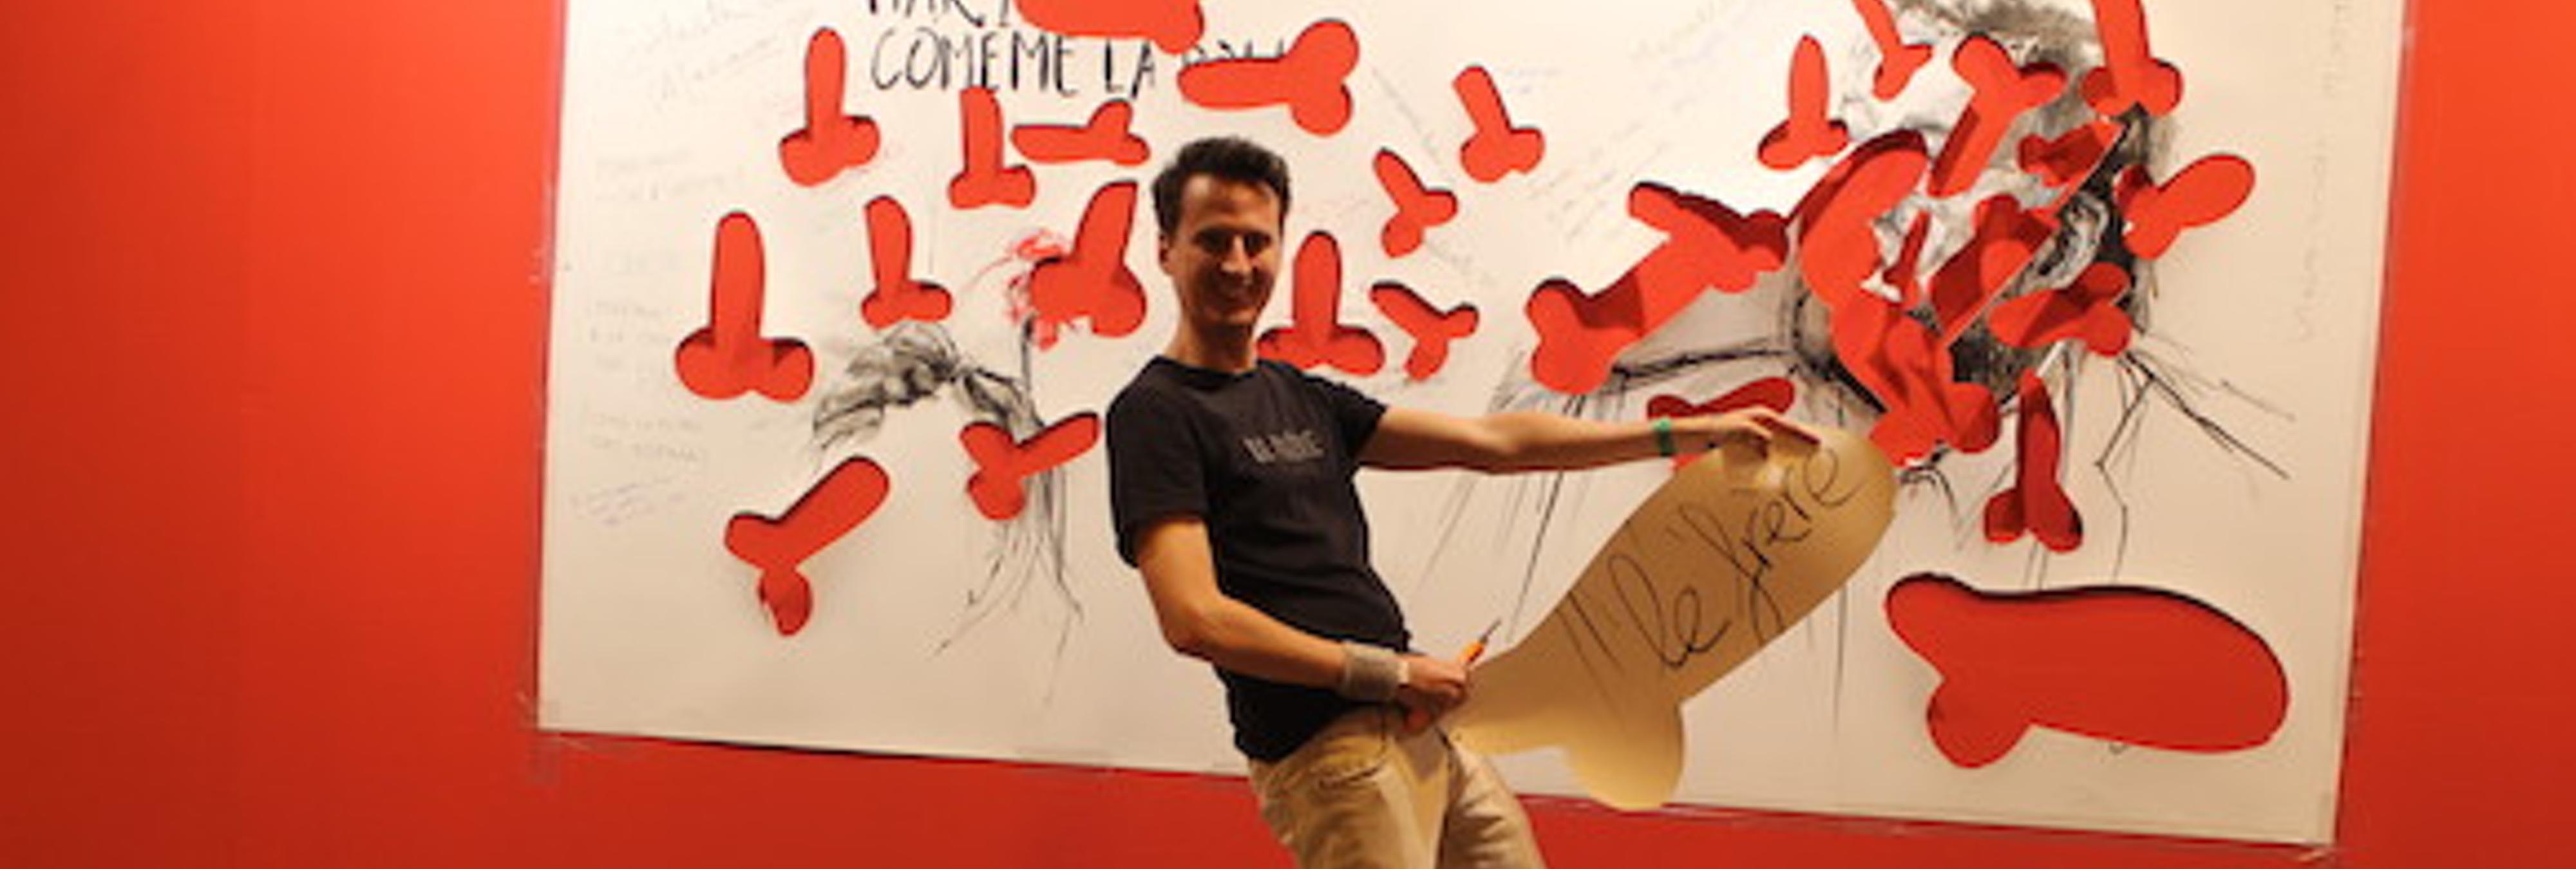 Crea un mural llamado 'Mariano, cómeme la polla' y se lía muy parda